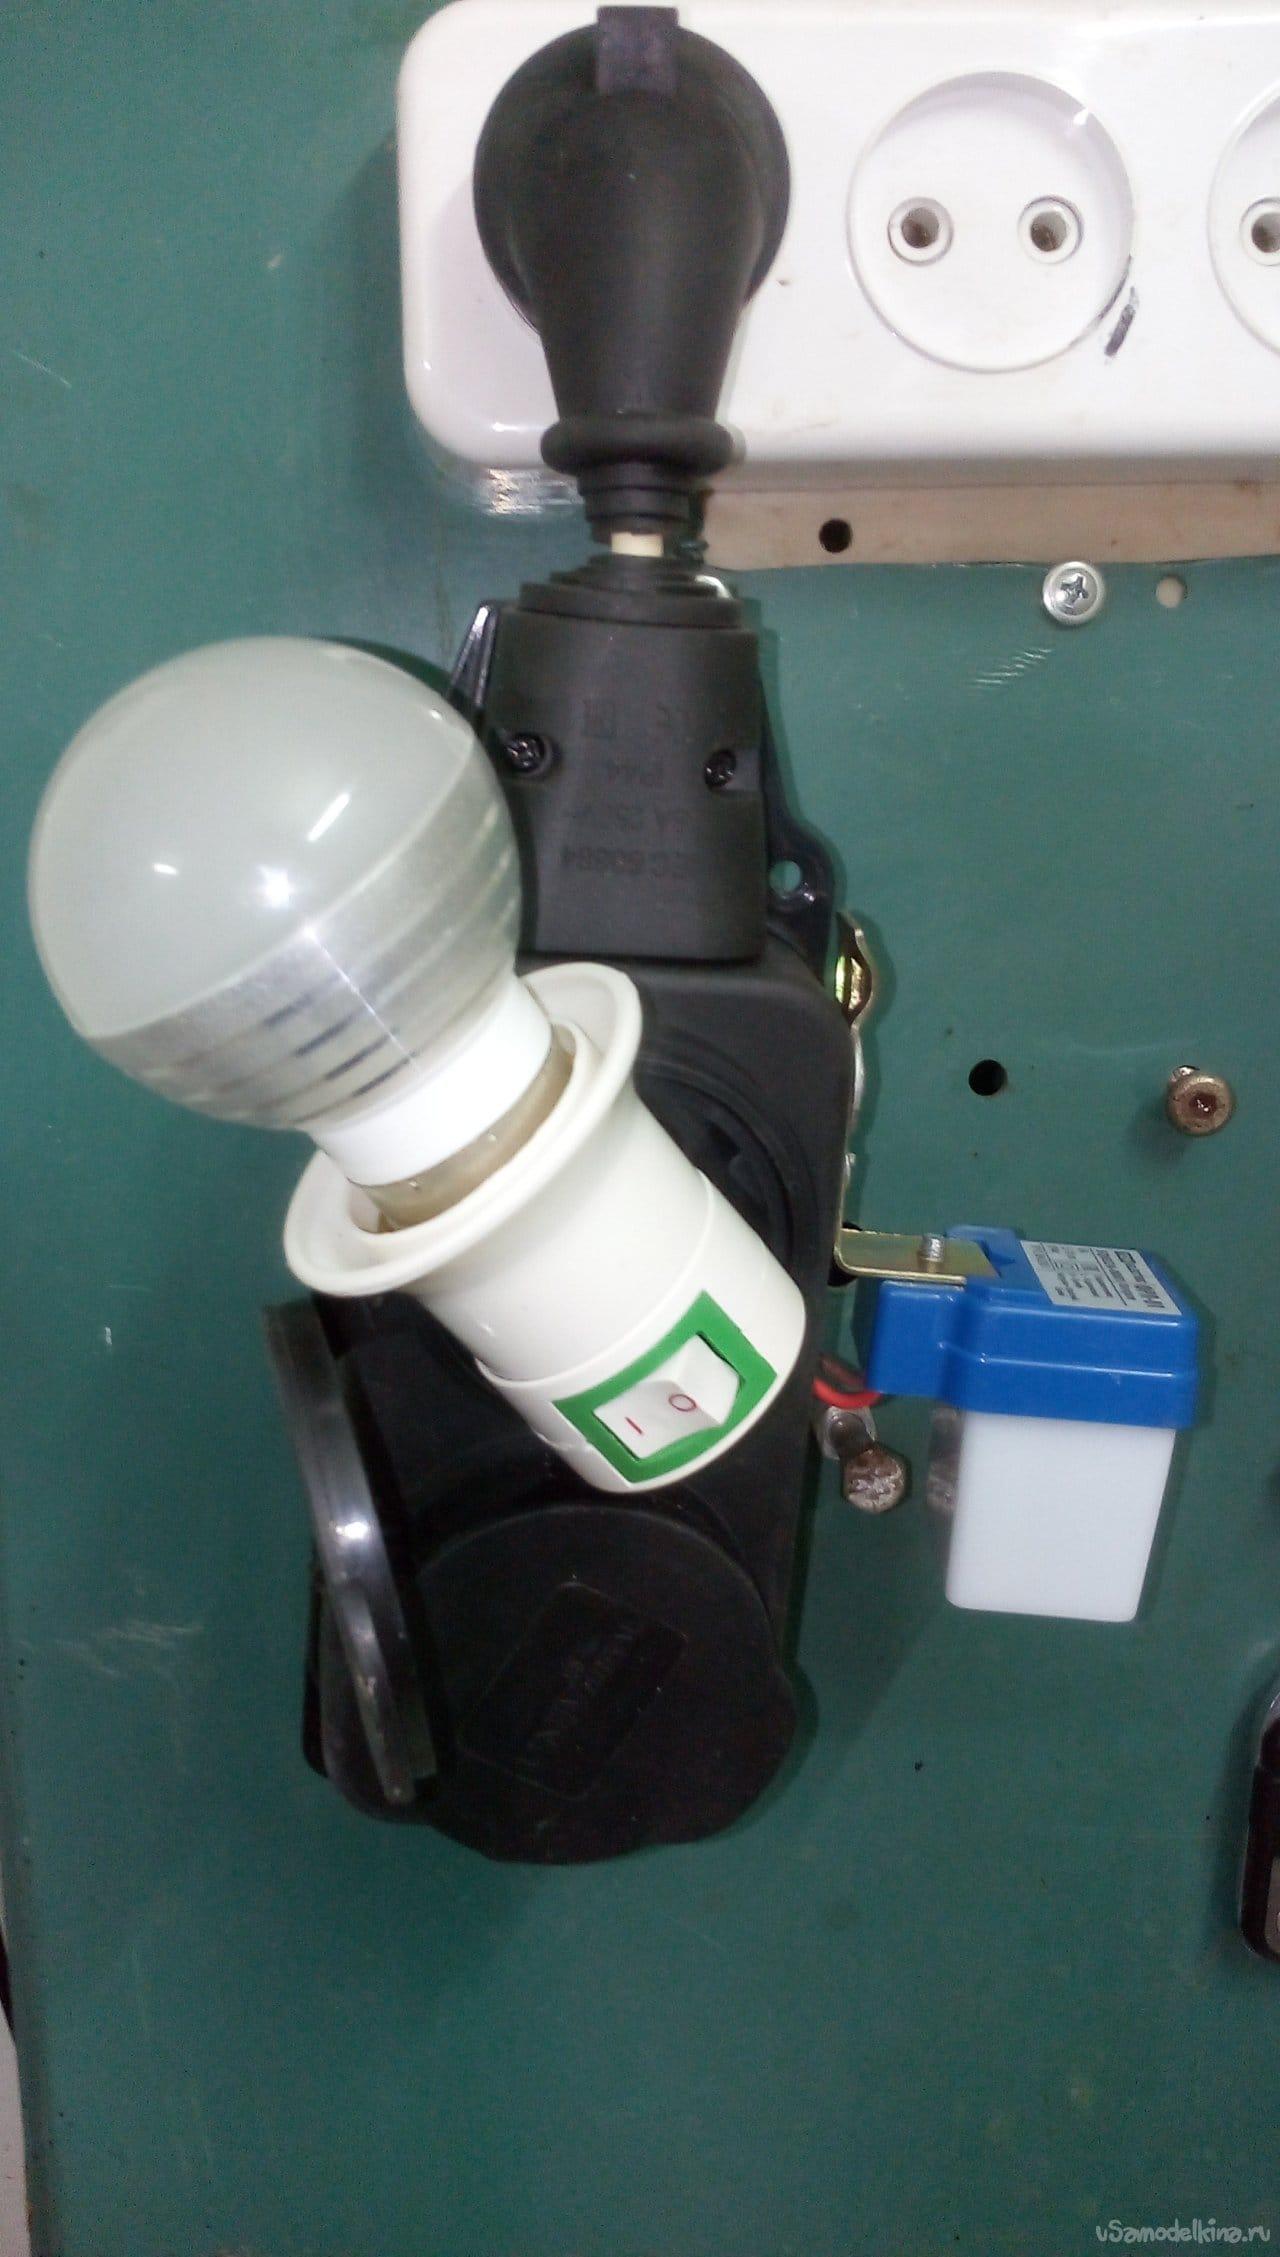 Пусковое устройство оборудования для его работы в темное время суток